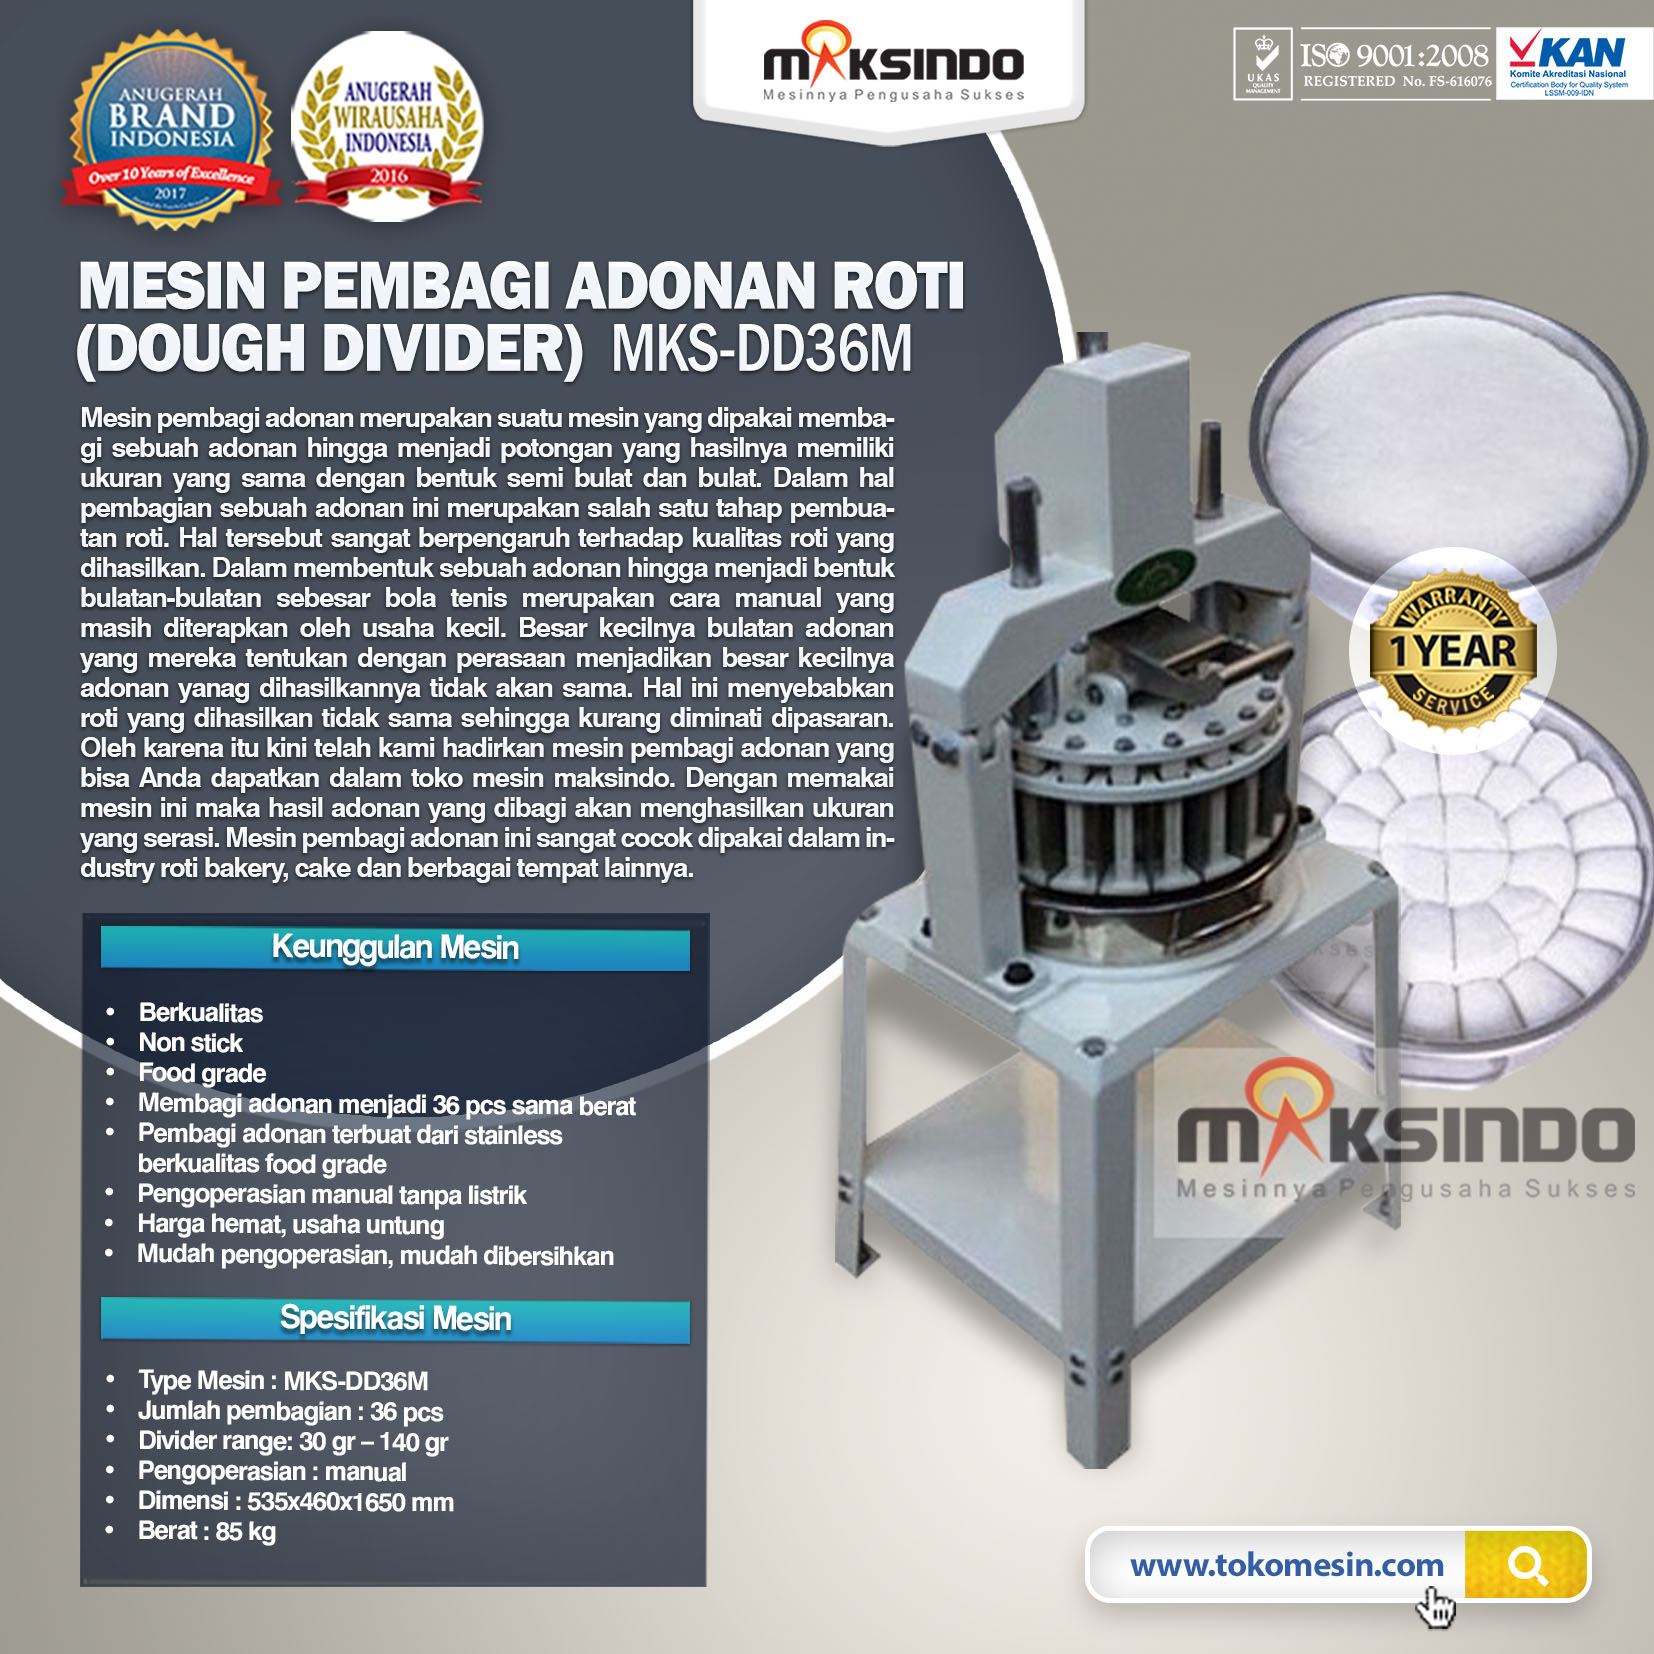 Mesin Pembagi Adonan Roti (Dough Devider) MKS-DD36M